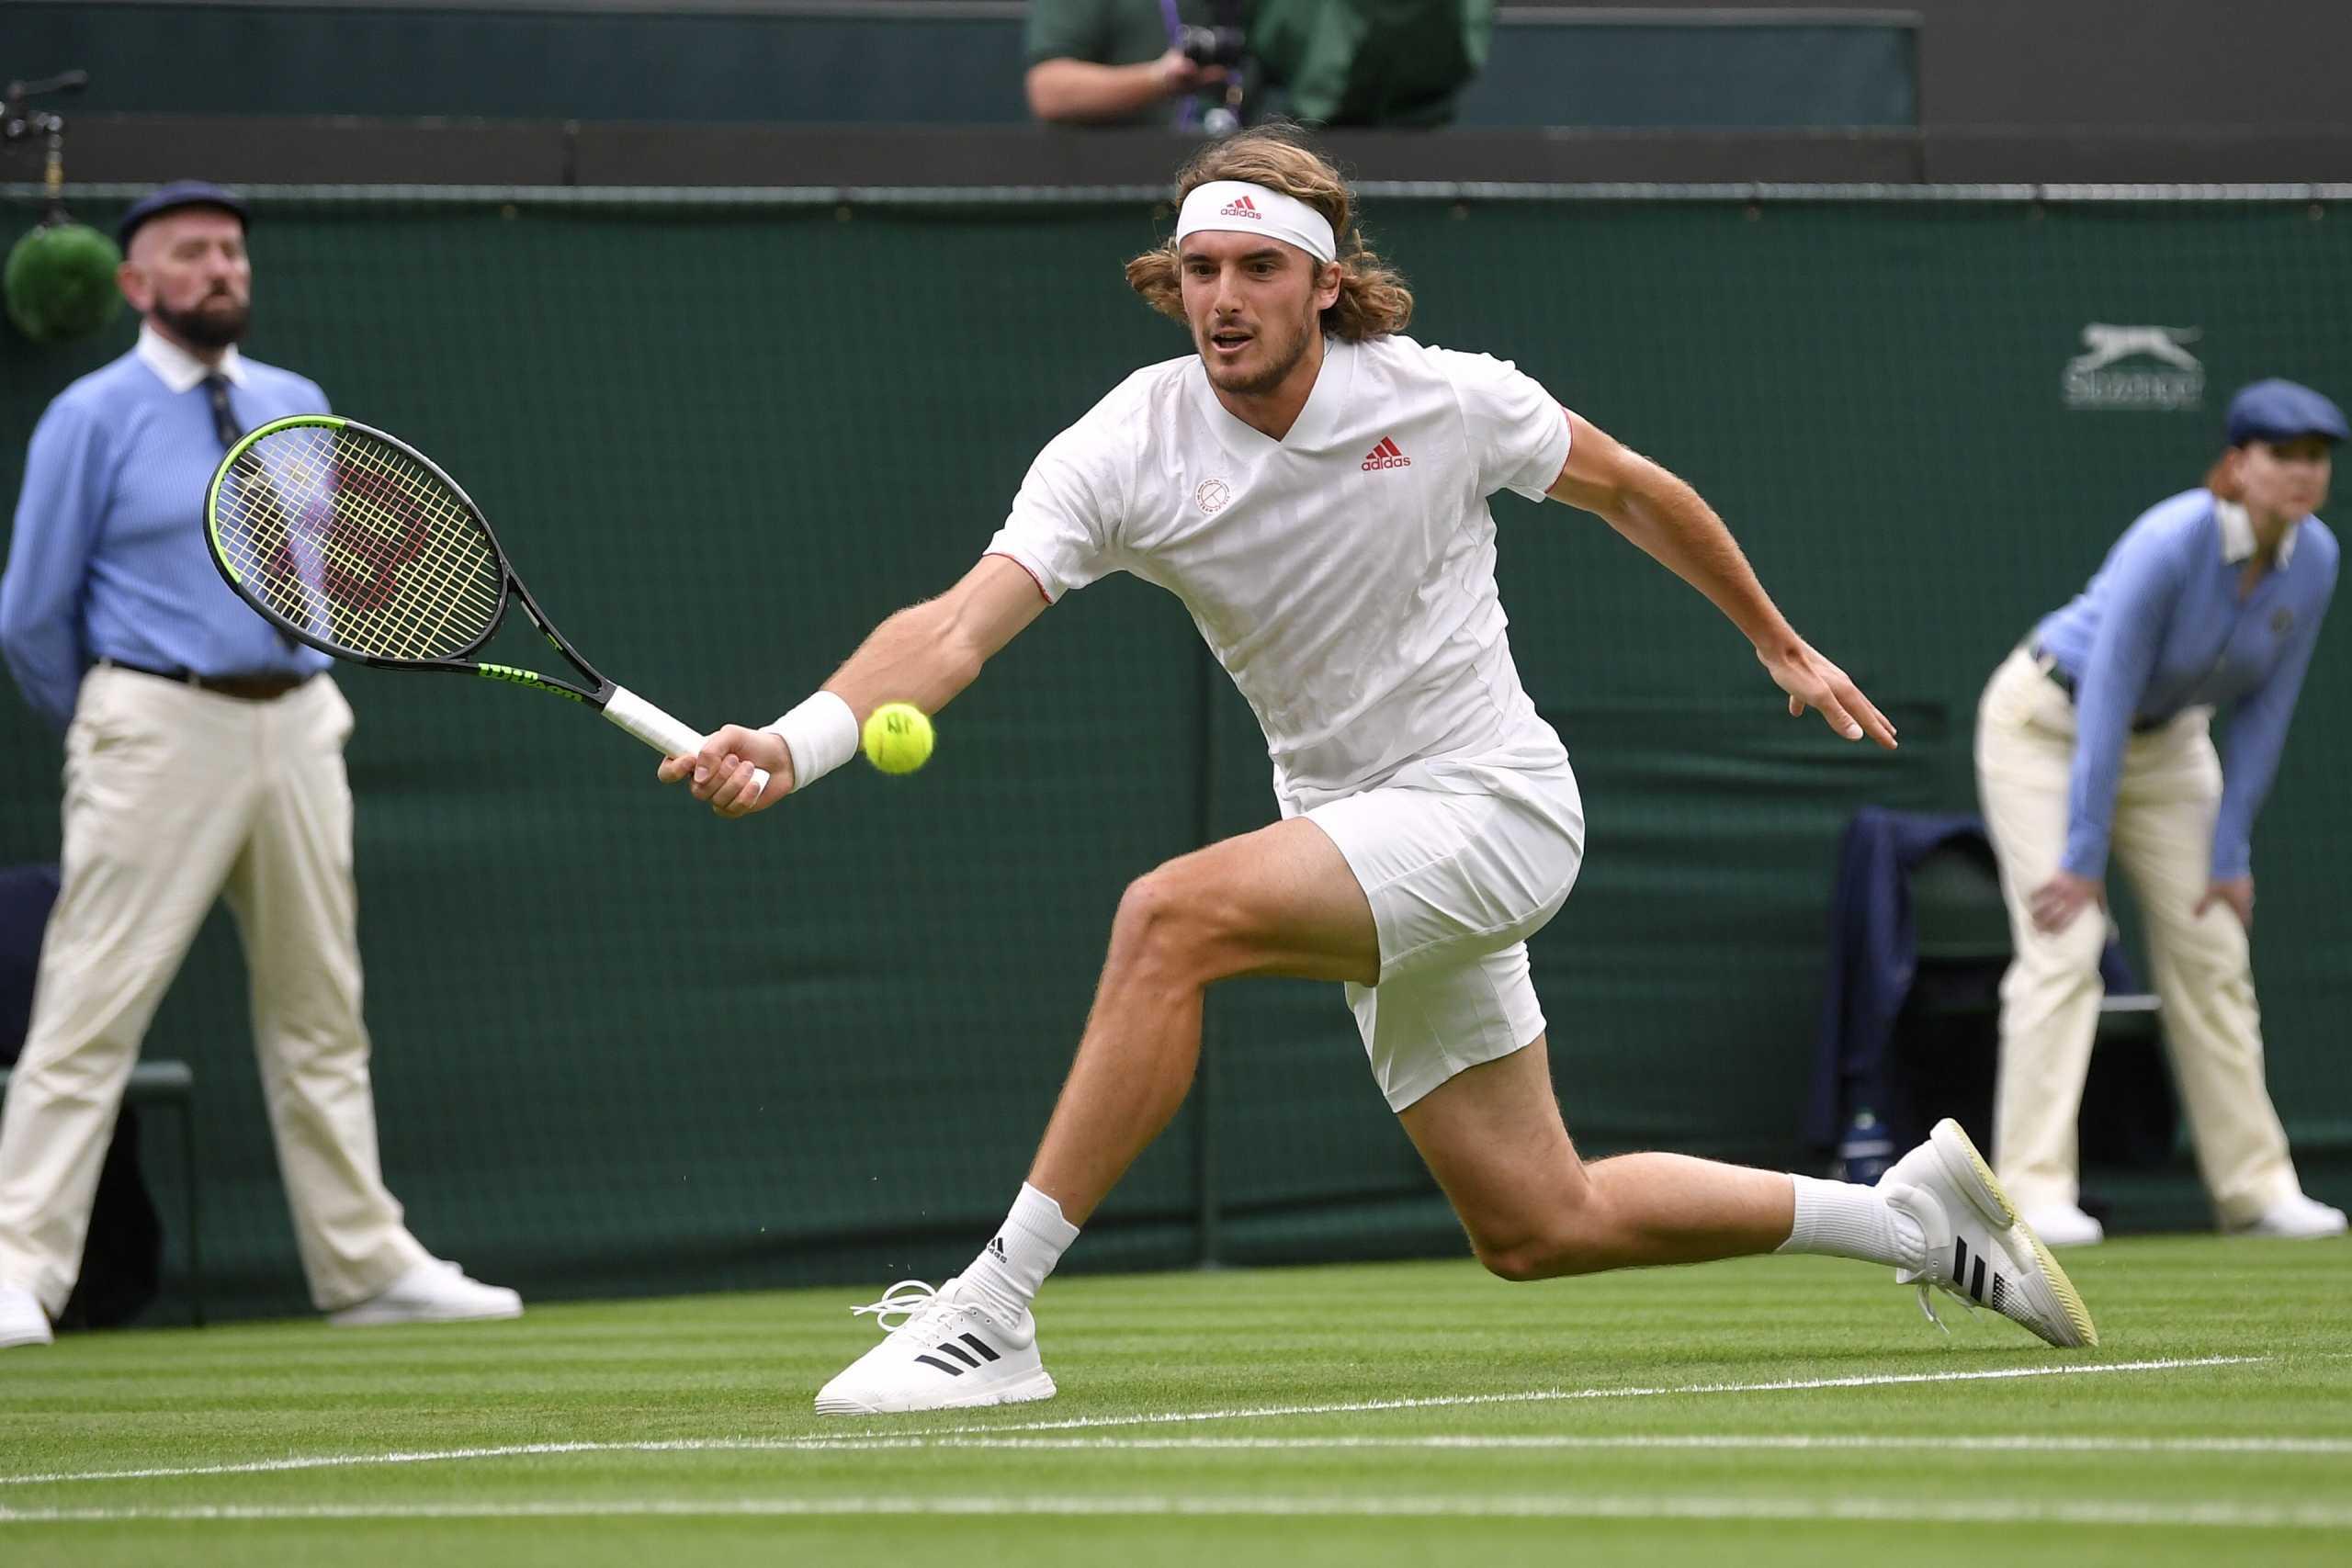 Στέφανος Τσιτσιπάς – Φράνσις Τιαφό 0-3 ΤΕΛΙΚΟ: Εκτός Wimbledon από τον πρώτο γύρο ο Έλληνας πρωταθλητής